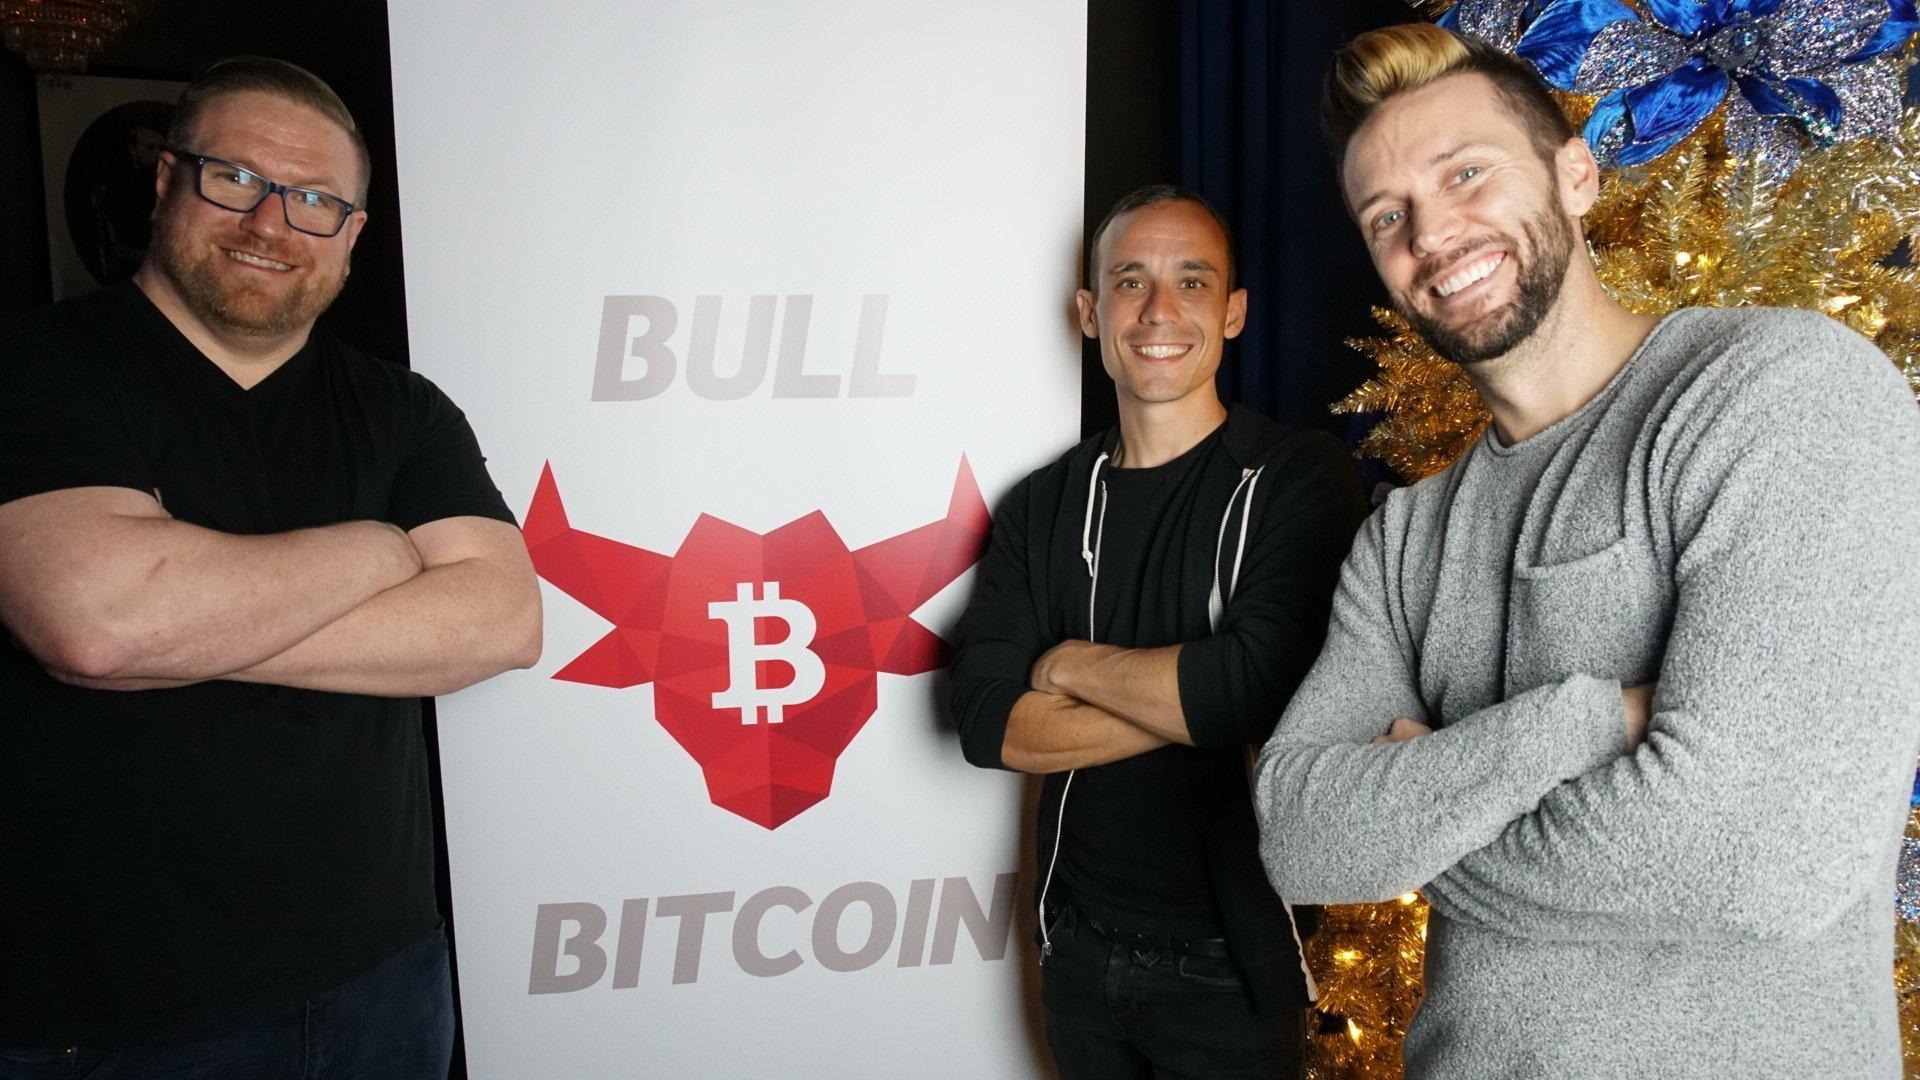 Ces bitcoiners prennent le taureau par les cornes 0001